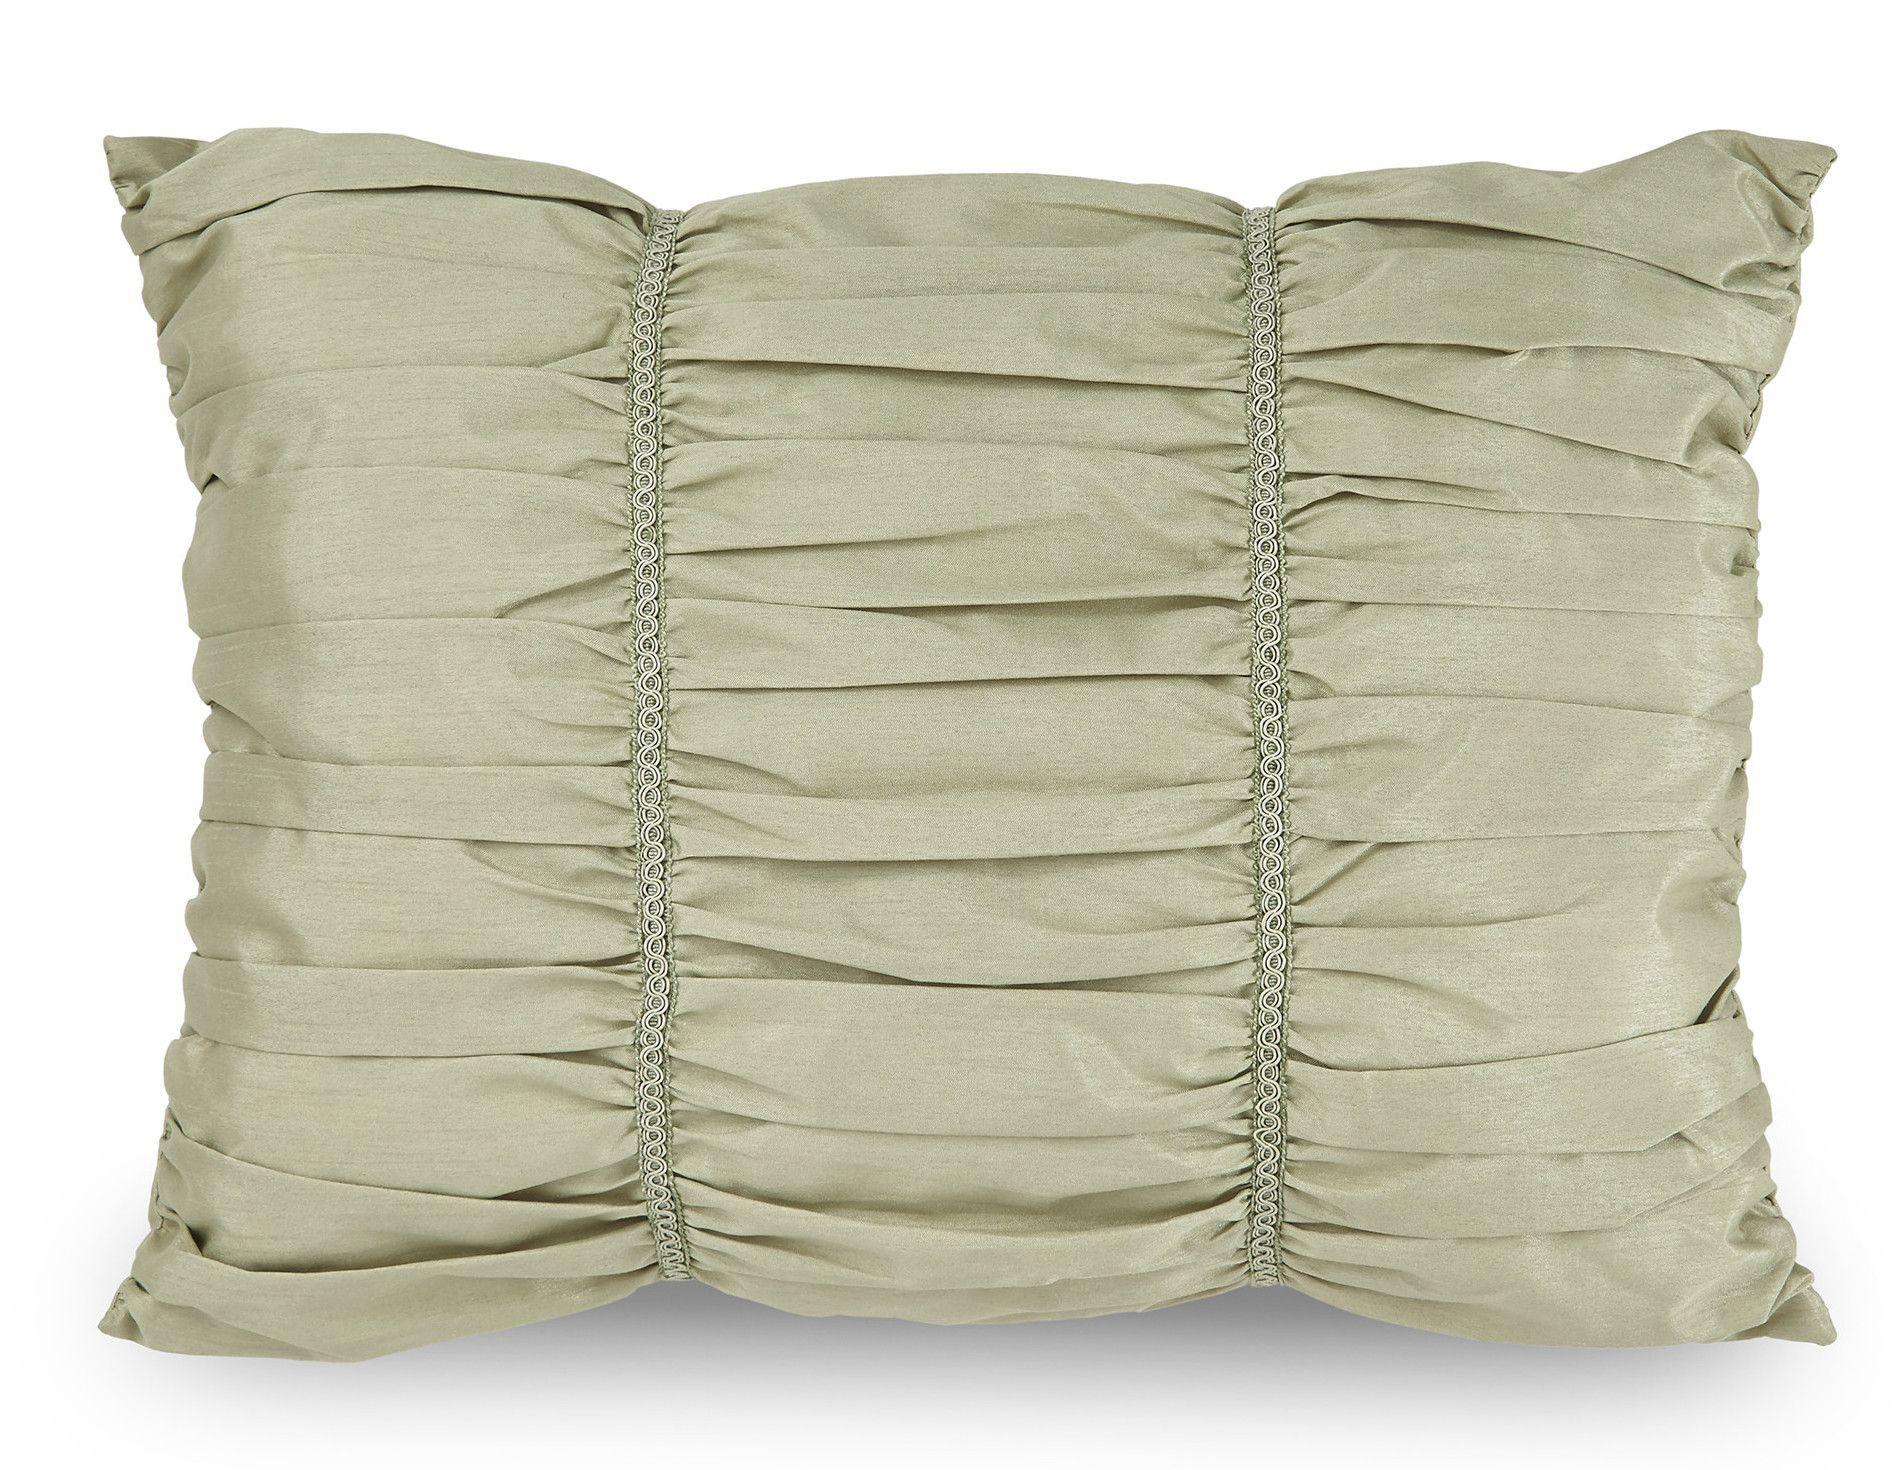 Crawley Decorative Lumbar Pillow